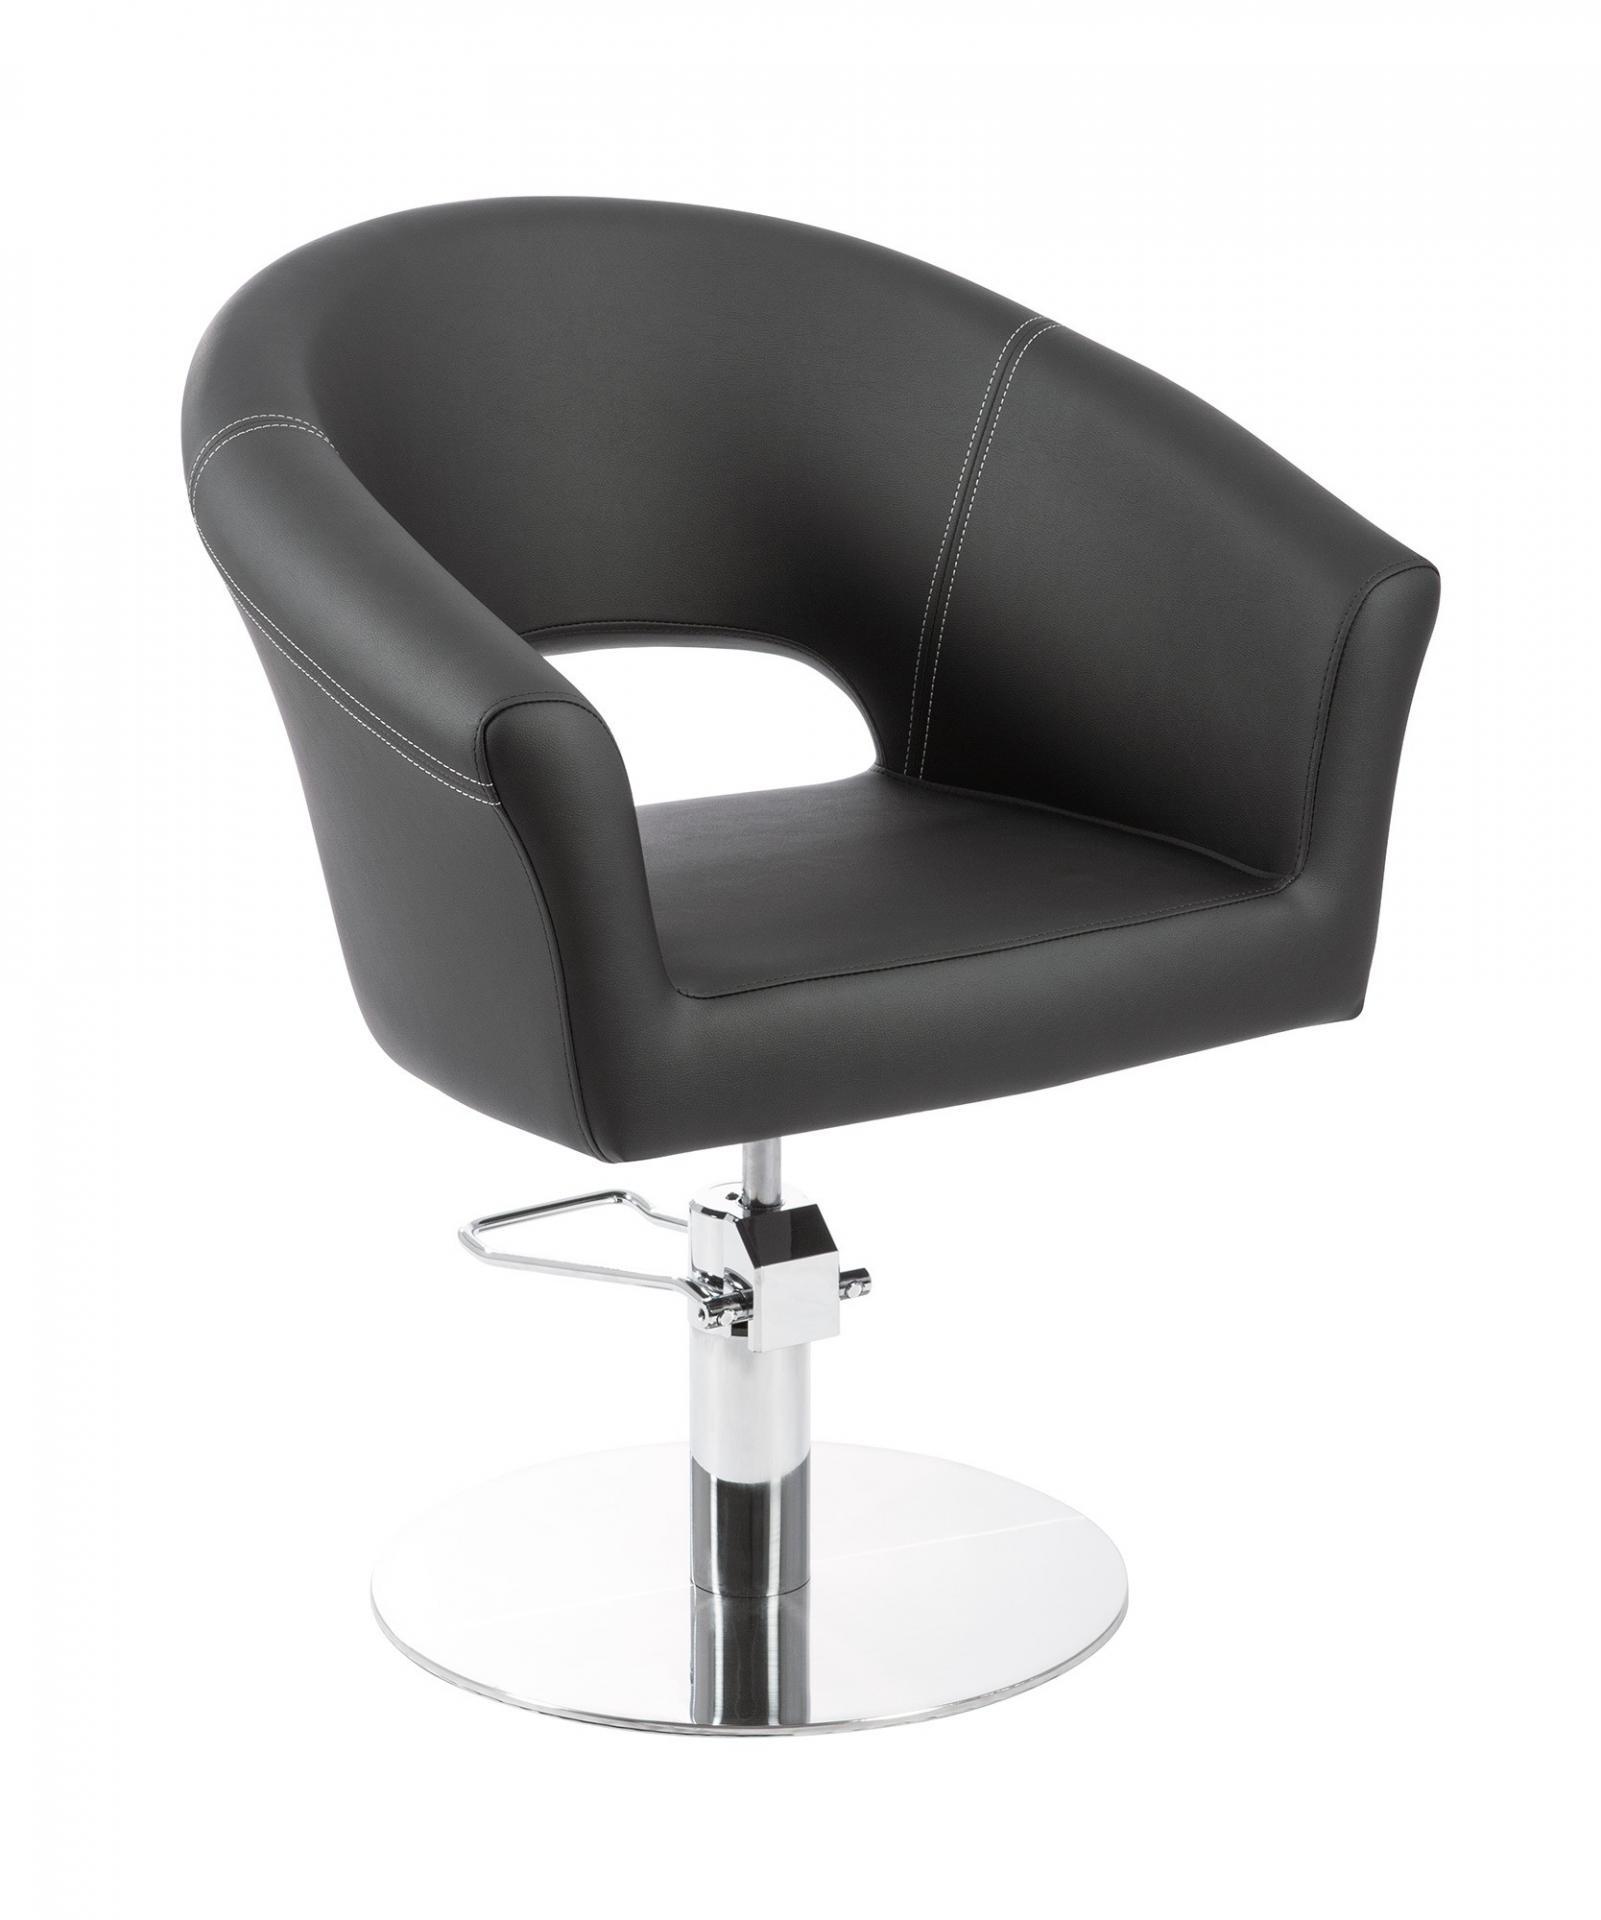 sillón DUARCEL